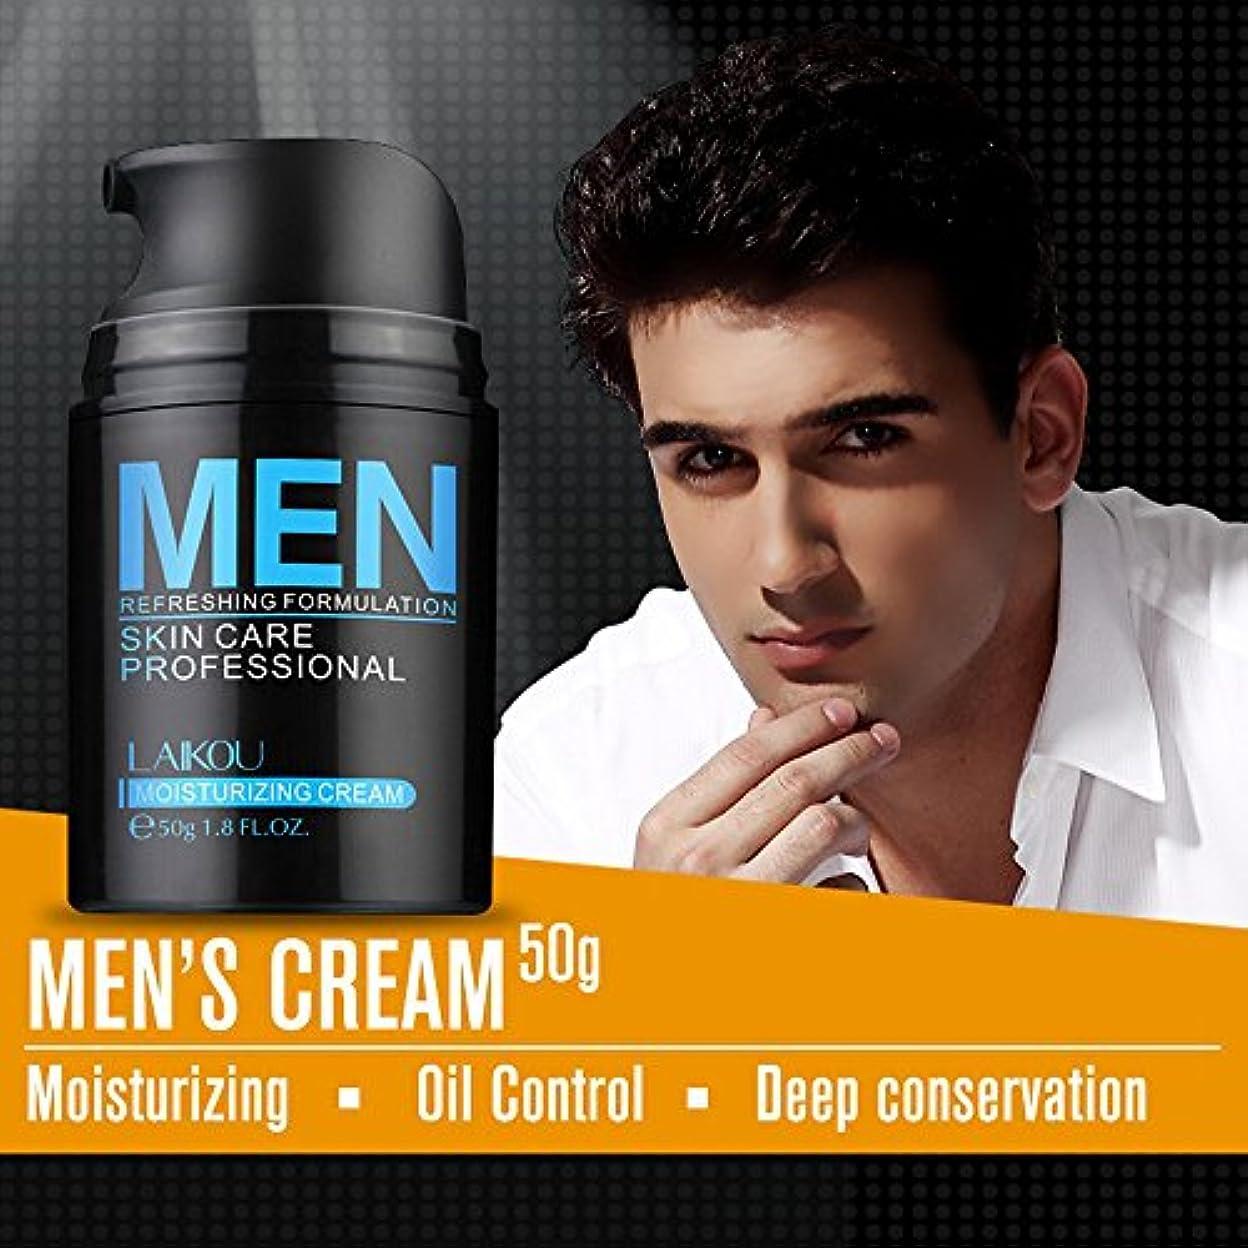 温度バイナリブロックするAkane LAIKOU 男子 押す 顔洗い 素敵 水分補給 オイルコントロール 保湿 すがすがしい 角質除去 クレンジング 浄化 使いやすい 洗顔料 アロエクリーム